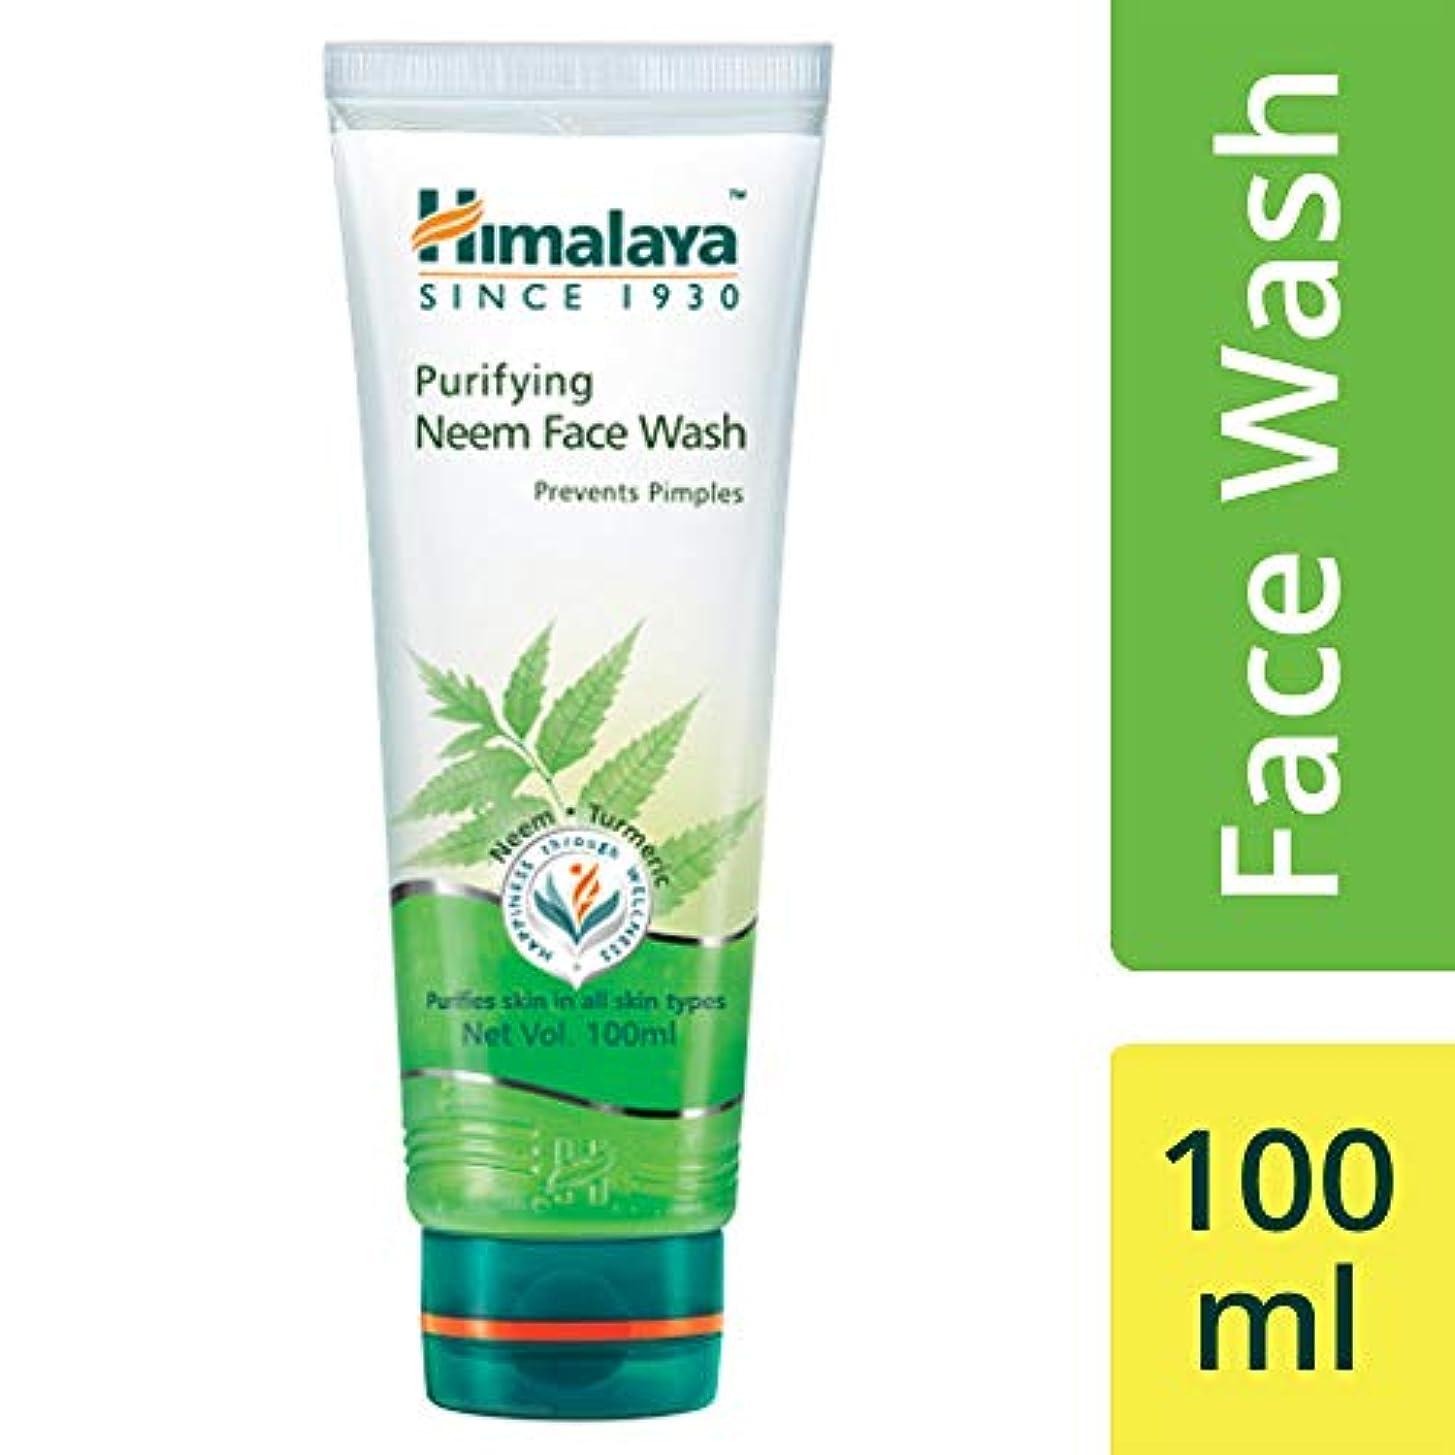 一流郵便番号スマイルHimalaya Herbals Purifying Neem Face Wash 100ml (Prevents Pimples)